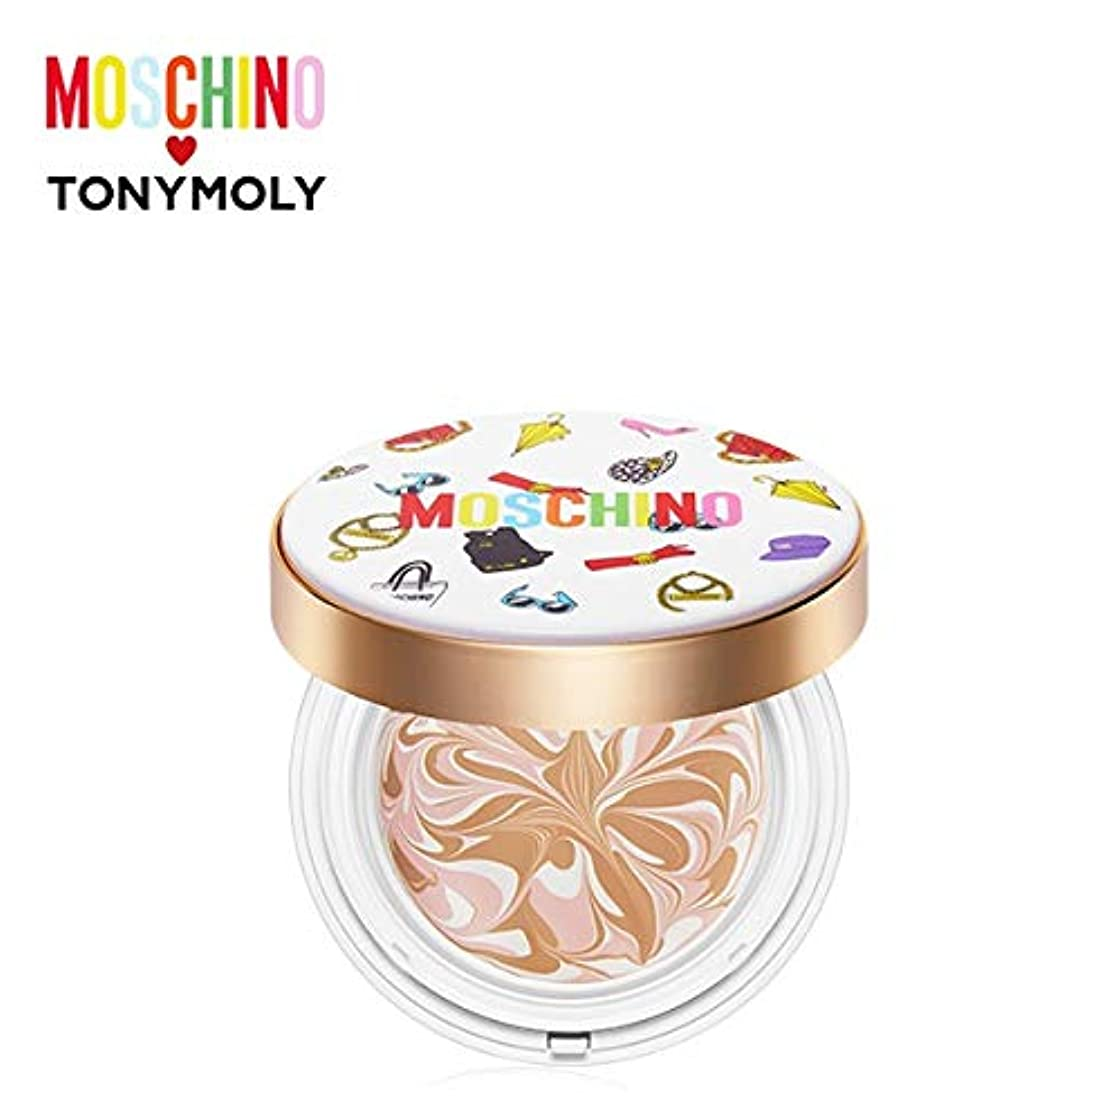 数字アルファベット波紋トニーモリー [モスキーノ] シック スキン エッセンス パクト 18g TONYMOLY [MOSCHINO] Chic Skin Essence Pact #01 CHIC VANILLA [並行輸入品]